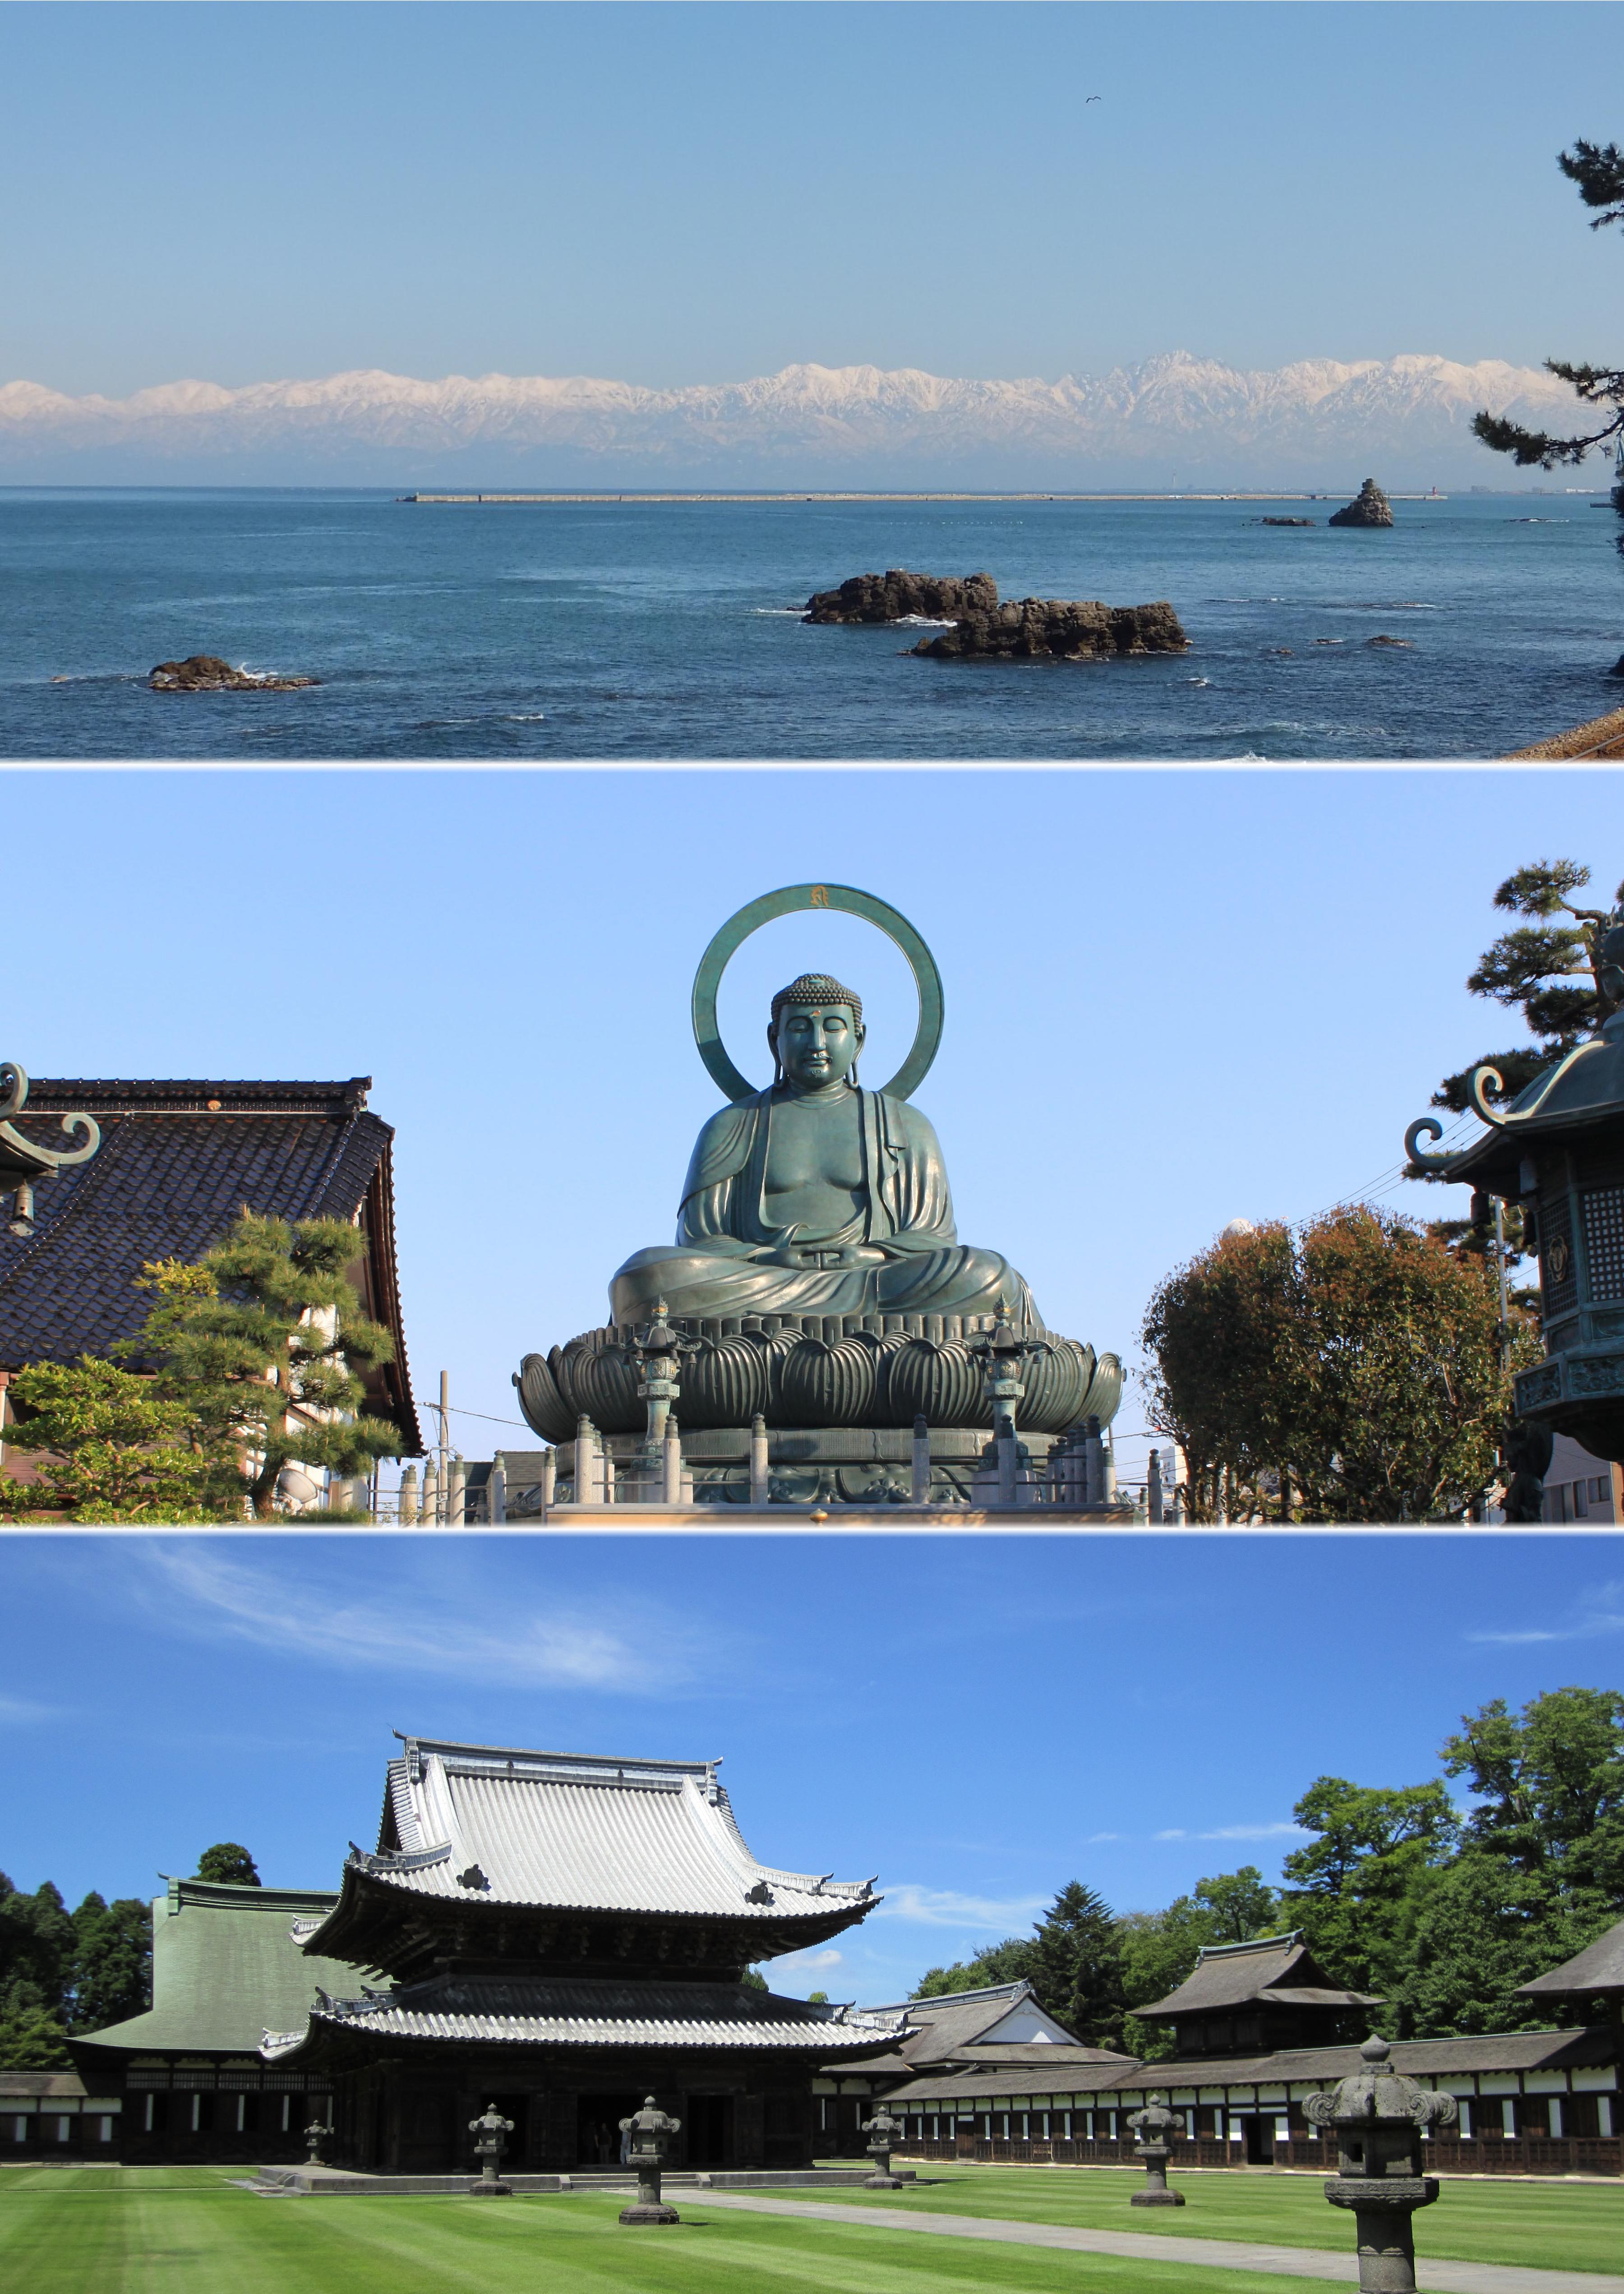 File:Takaoka montage.JPG